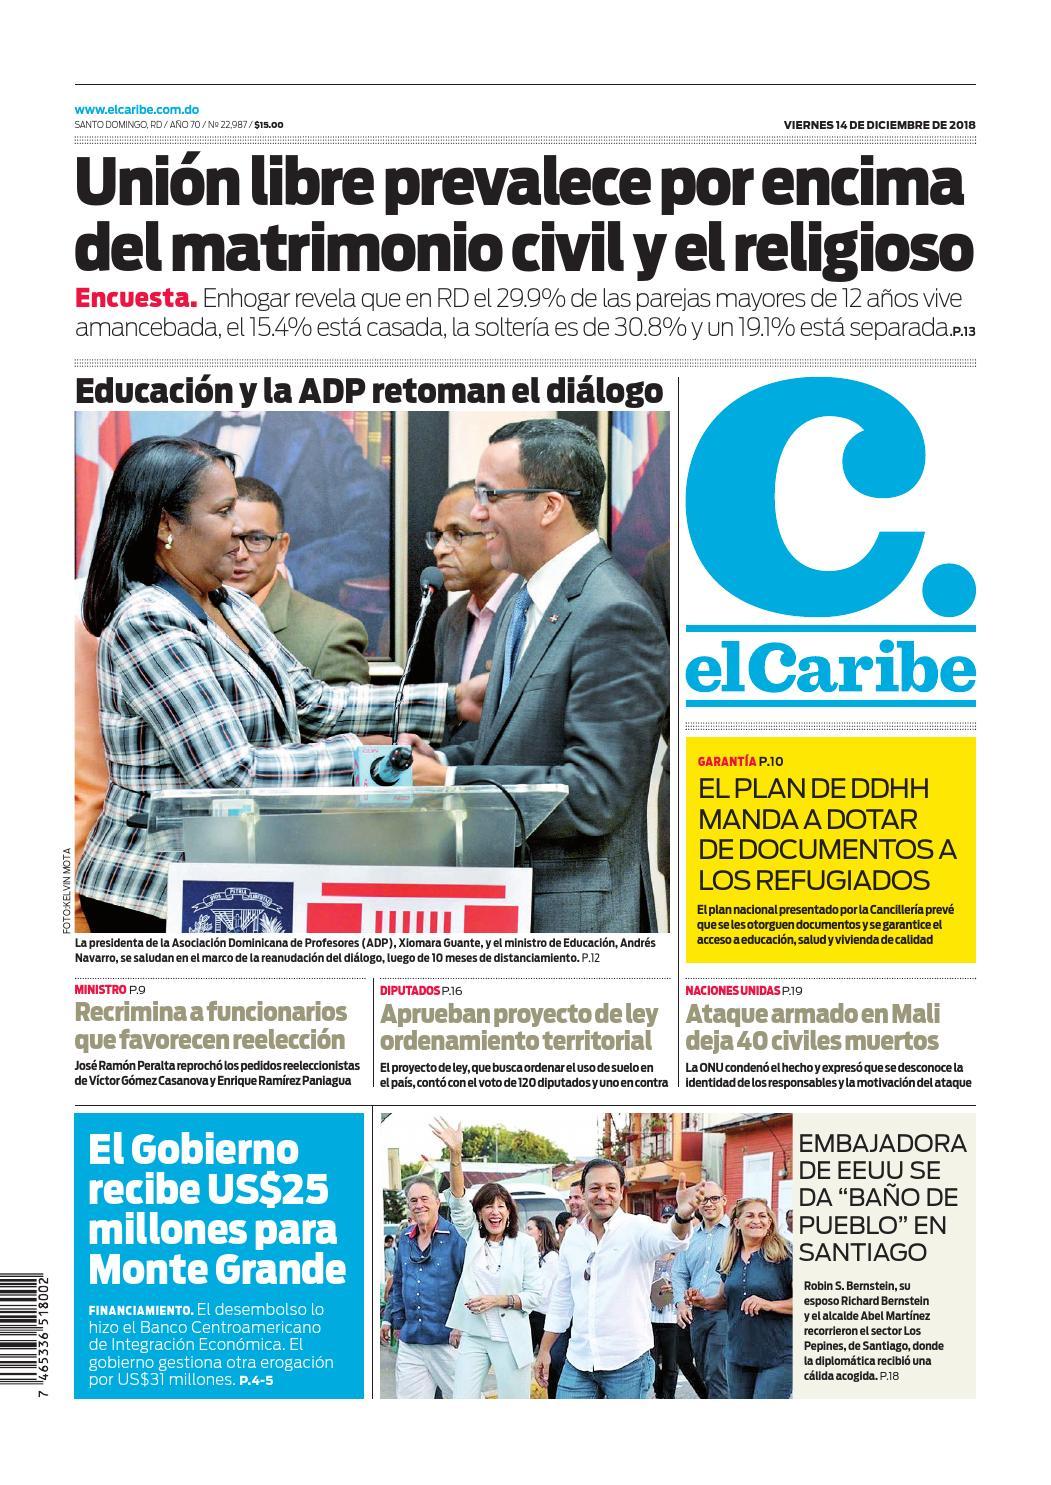 Portada Periódico El Caribe, Viernes 14 de Diciembre 2018